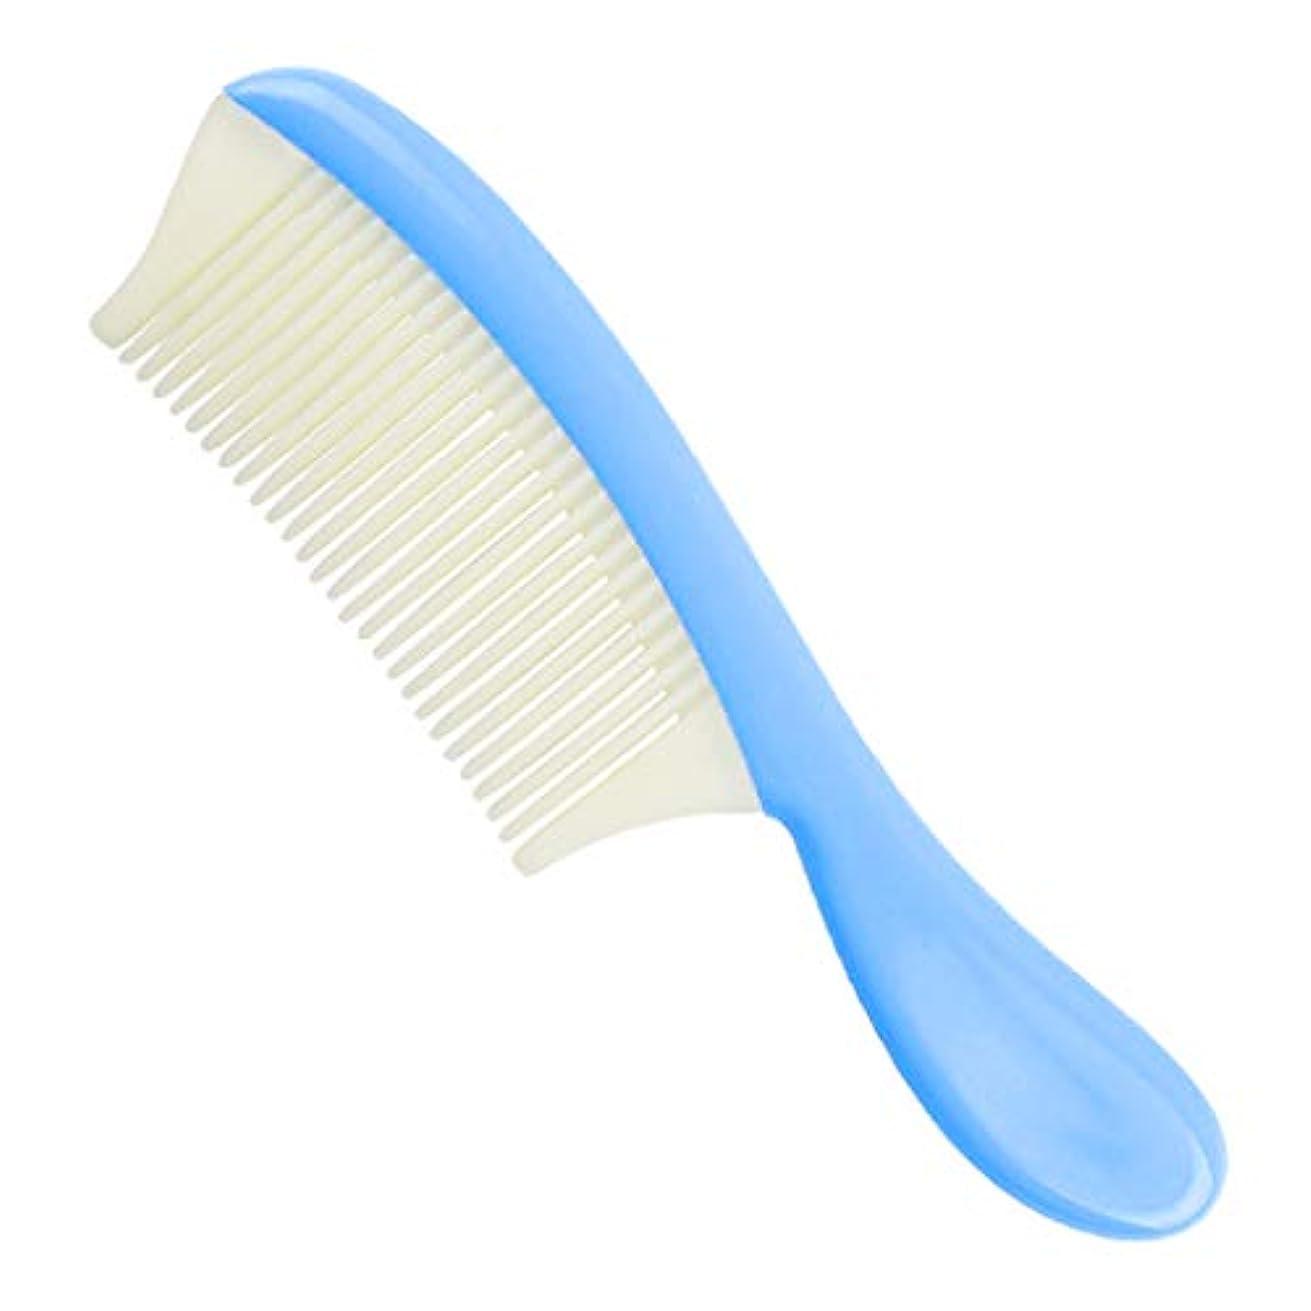 禁止するに話すけん引B Blesiya 細かい歯 ヘアコーム ヘアブラシ 全4色 - 青